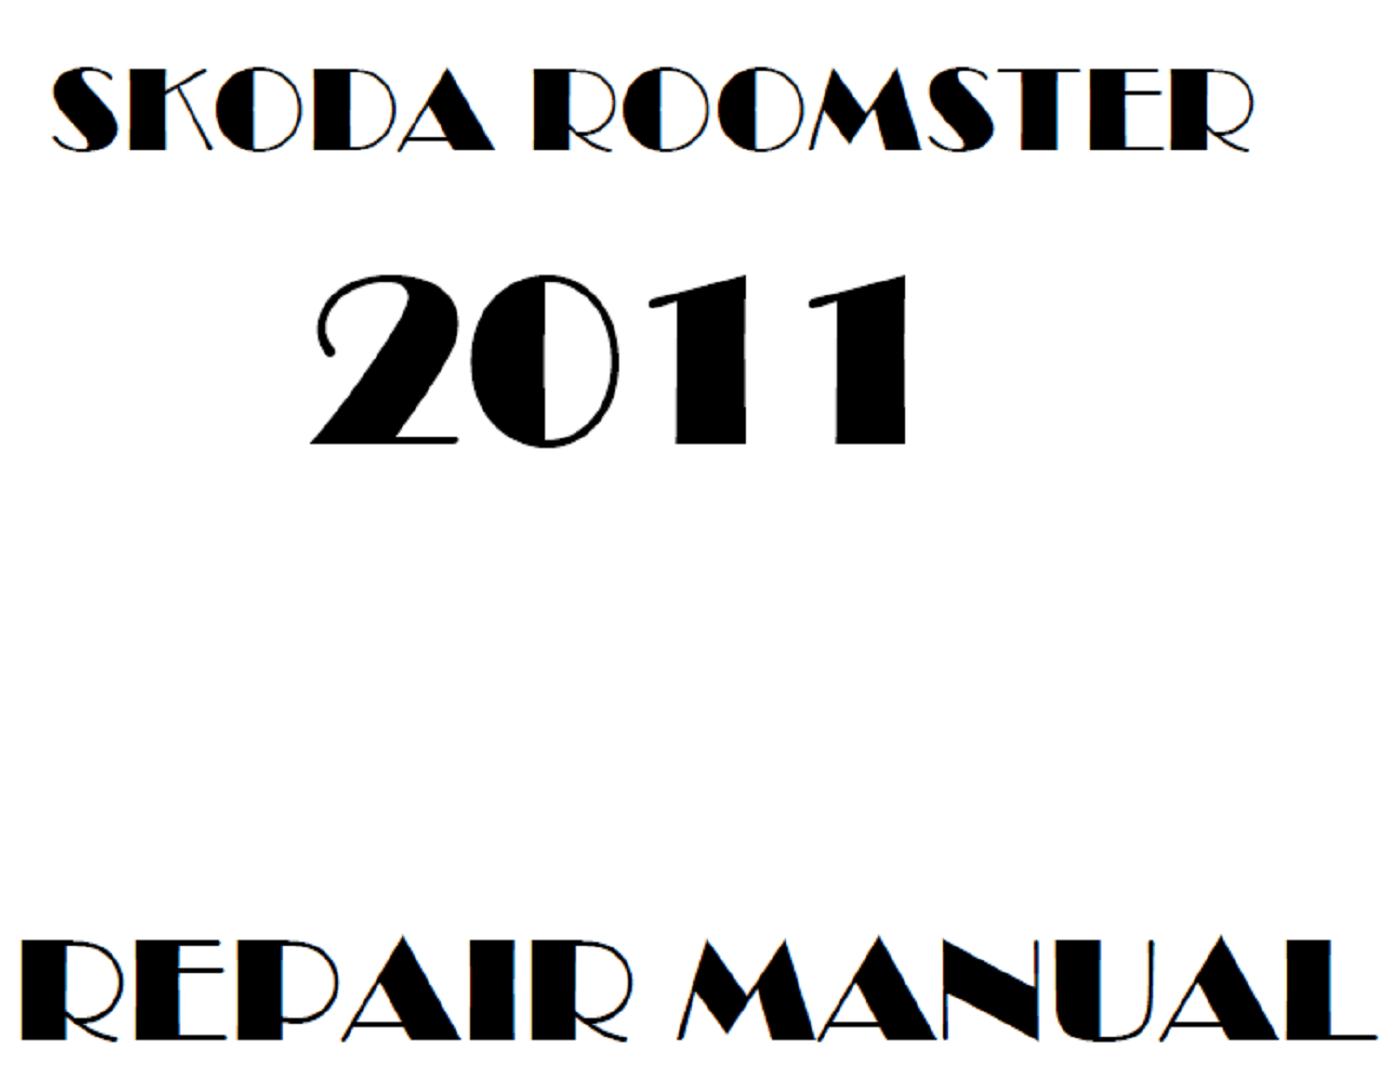 2011 Skoda Roomster repair manual